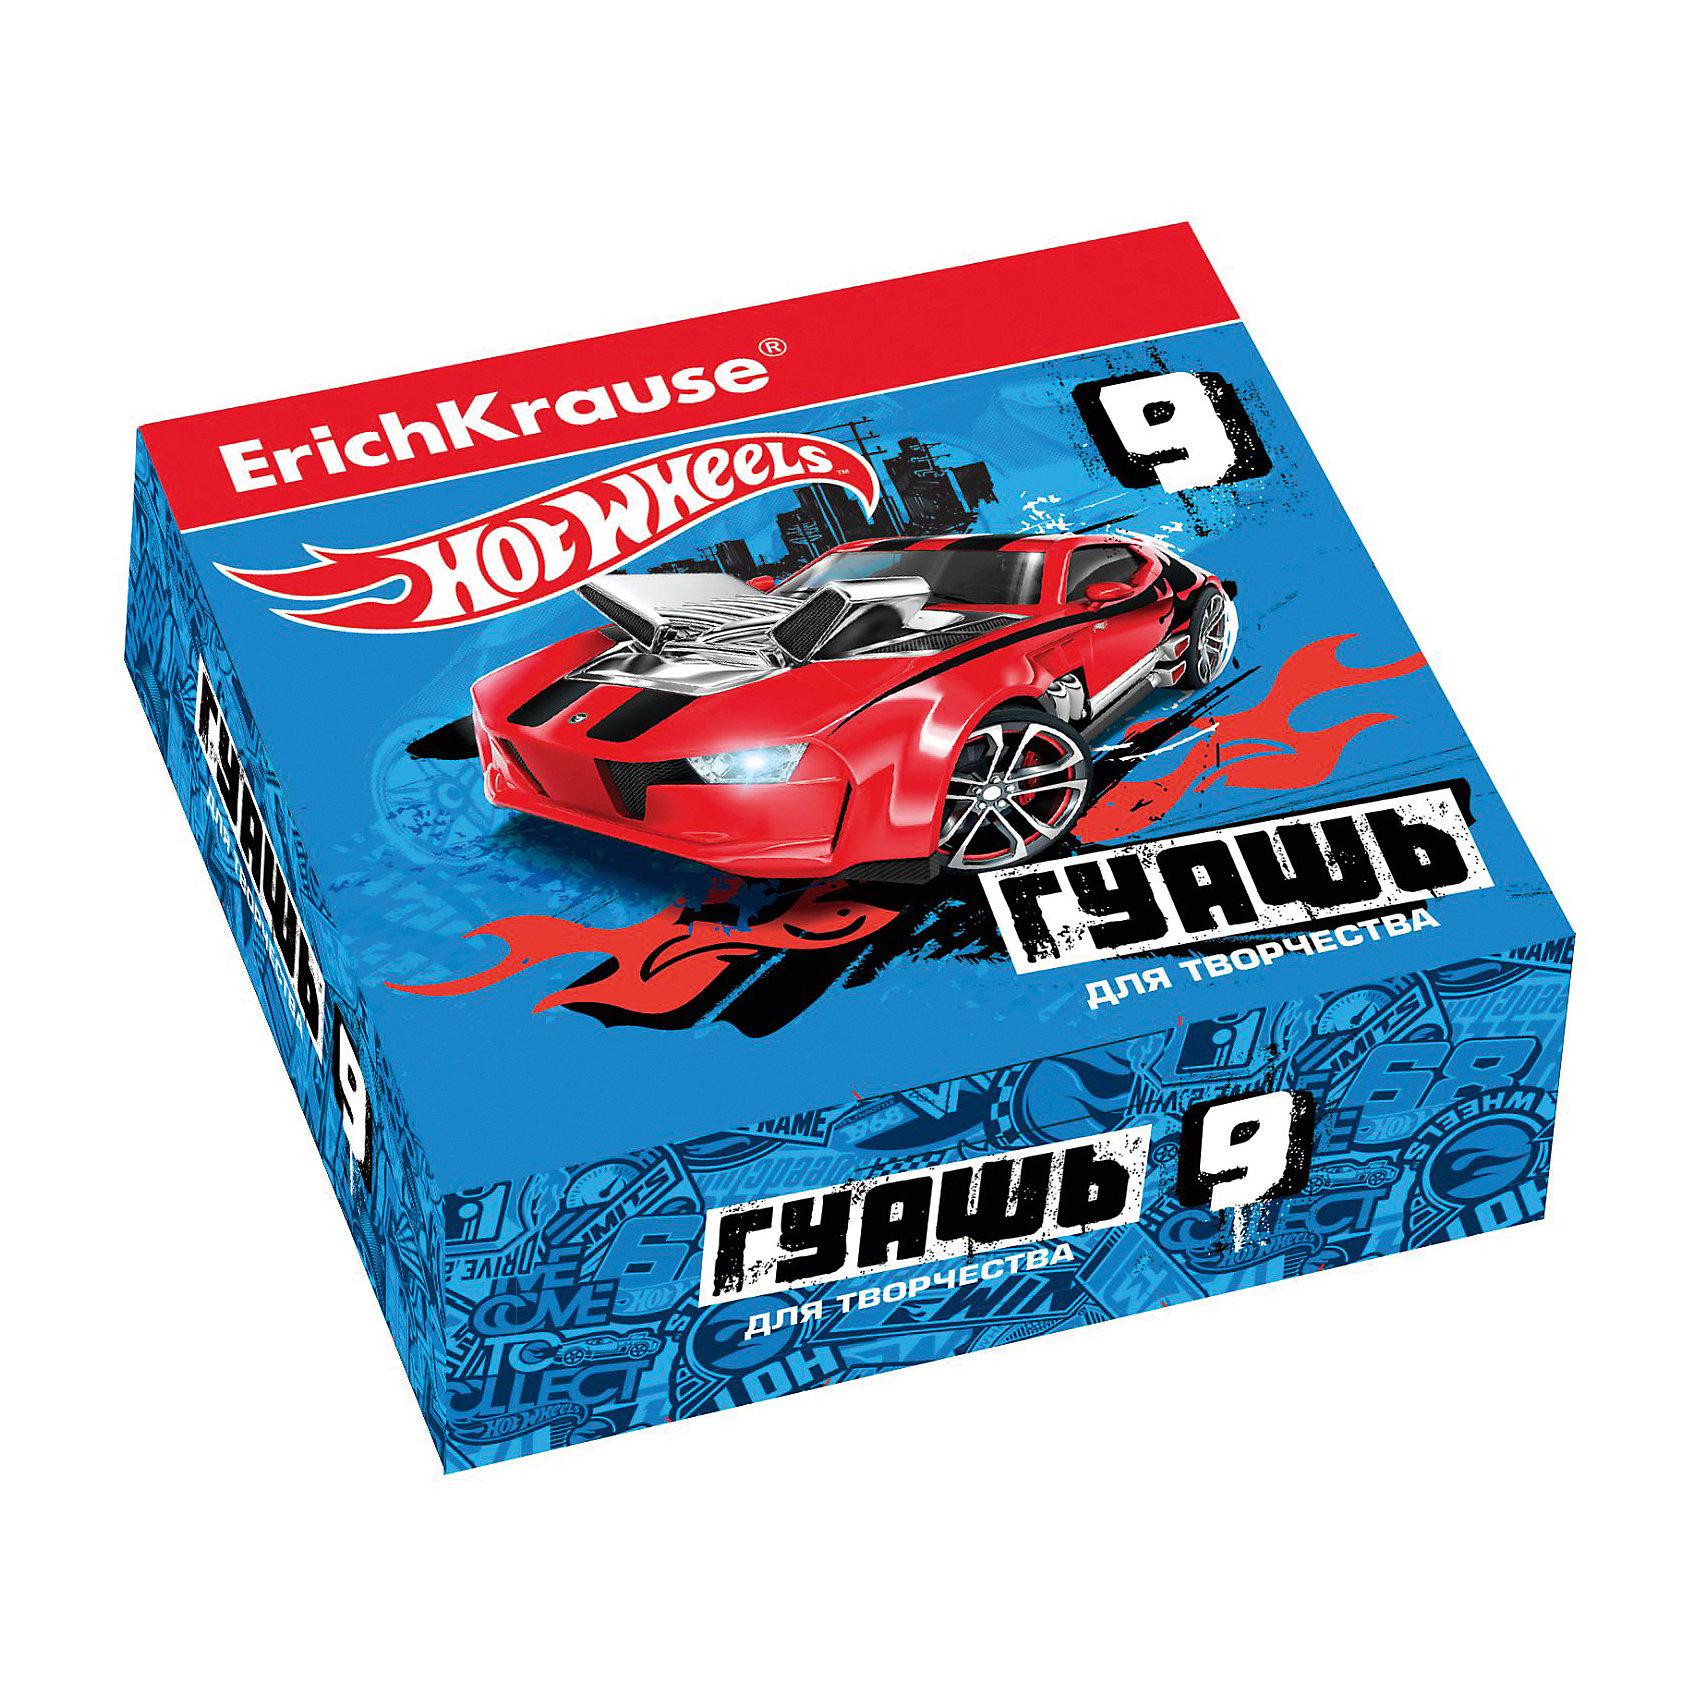 Гуашь Hot Wheels Super Car, 9 цветов по 20млХарактеристики гуаши Hot Wheels Super Car, 9 цветов:<br><br>• возраст: от 5 лет<br>• пол: для мальчиков<br>• комплект: 9 баночек по 20 мл.<br>• материал: краски, пластик.<br>• размер упаковки: 15.5х11.5х4 см.<br>• упаковка: картонная коробка.<br>• вес: 0.4 кг.<br>• бренд: производитель: Erichkrause<br>• страна обладатель бренда: Россия.<br><br>Гуашь Hot Wheels Super Car, торговой марки Erichkrause идеально подойдет для детского творчества. После высыхания поверхность имеет матово-бархатистую фактуру. Гуашь легко смывается водой.<br><br>Гуашь Hot Wheels Super Car 9 цветов торговой марки Erich Krause можно купить в нашем интернет-магазине.<br><br>Ширина мм: 119<br>Глубина мм: 116<br>Высота мм: 40<br>Вес г: 254<br>Возраст от месяцев: 60<br>Возраст до месяцев: 216<br>Пол: Мужской<br>Возраст: Детский<br>SKU: 5409218